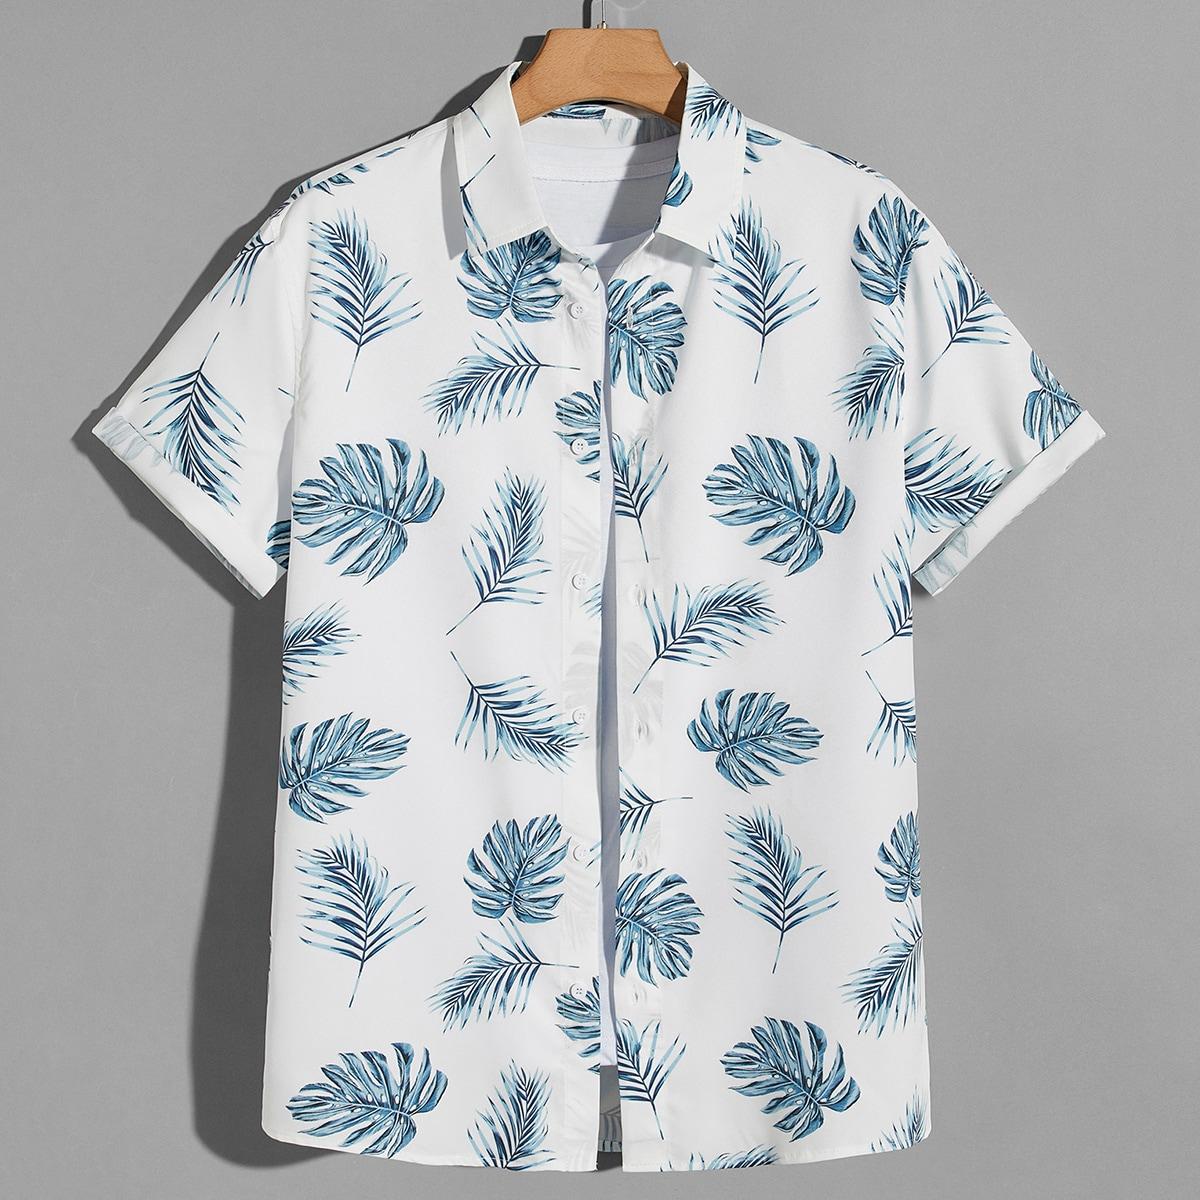 Мужской Рубашка с тропическим принтом с закатывающимися рукавами на пуговицах SheIn smshirt07210612875